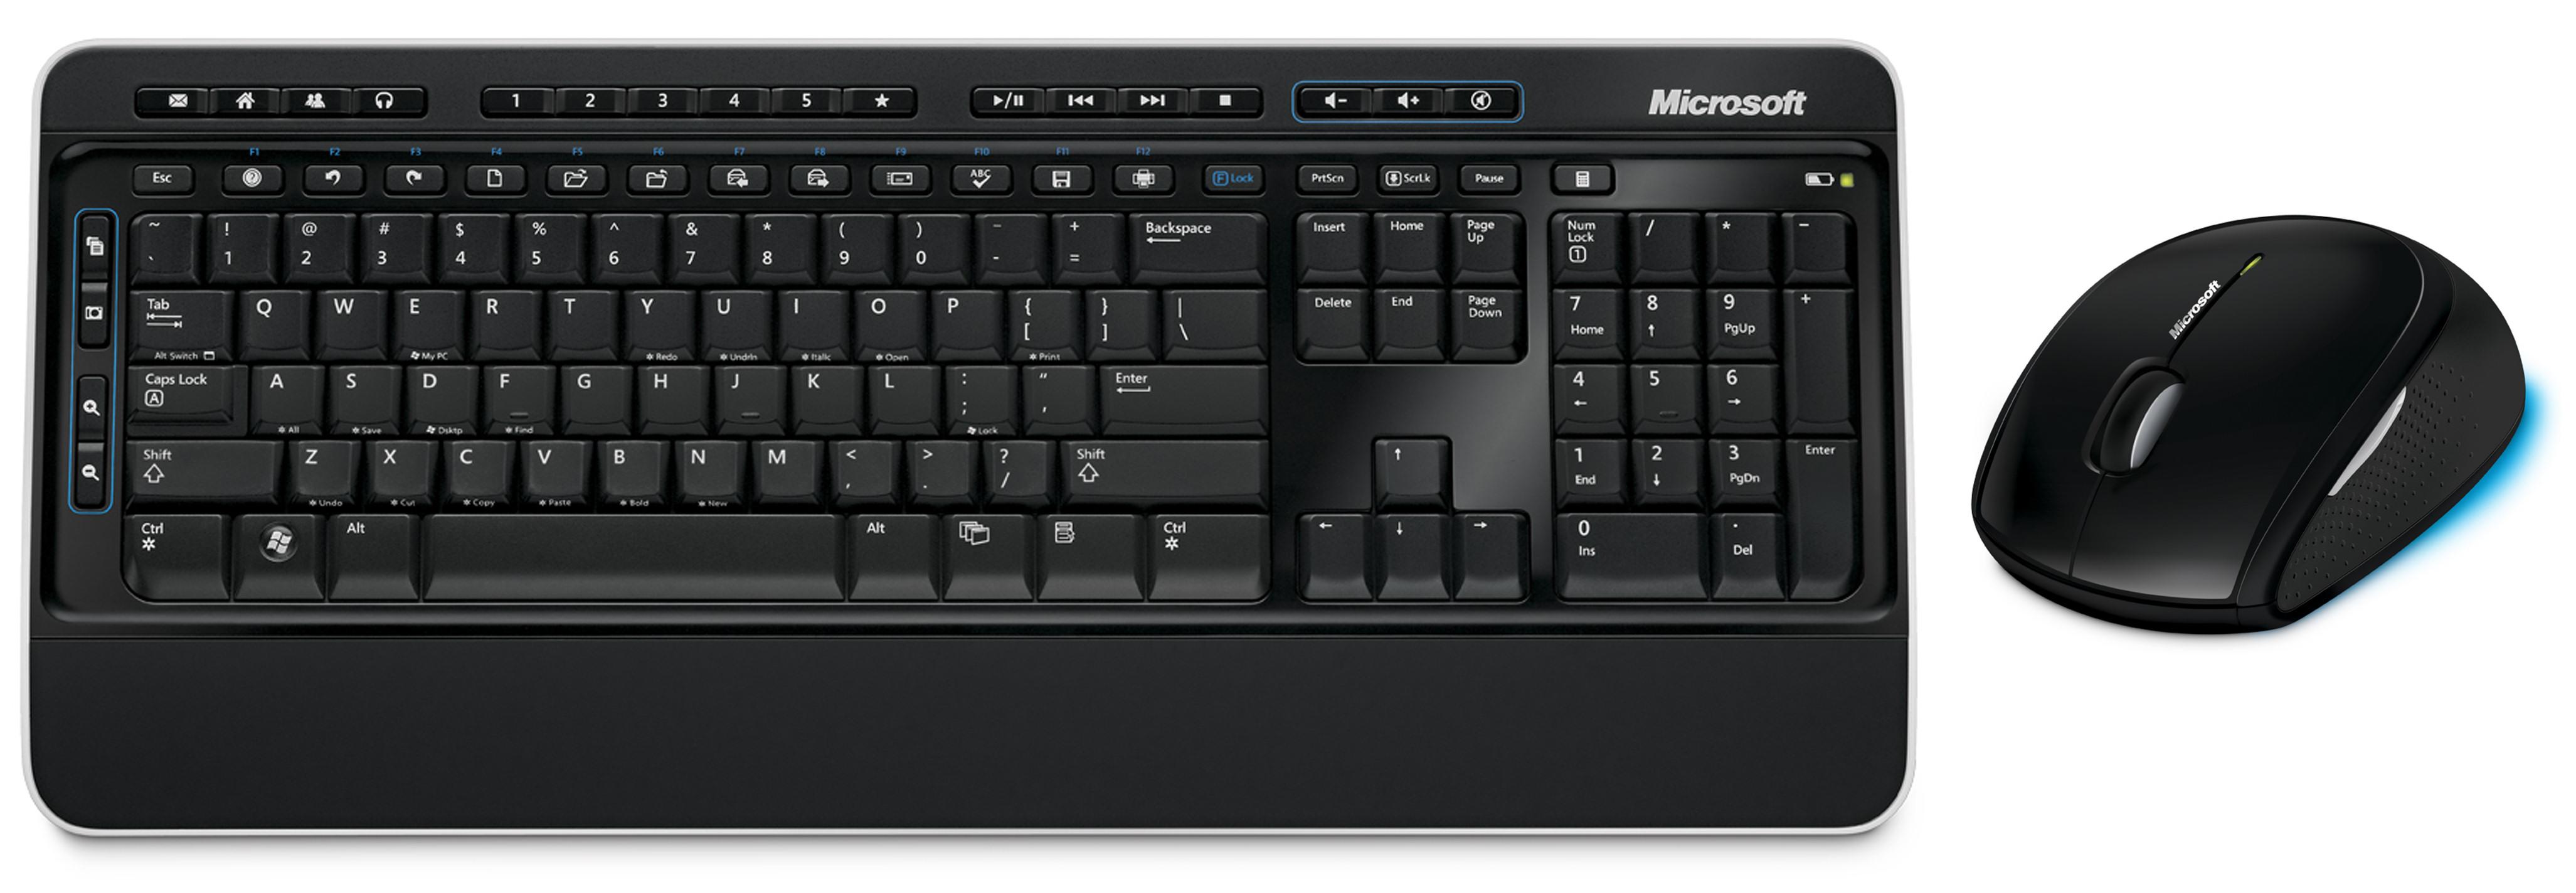 Microsoft Wireless Desktop 3000 Alıcısını Arıyorum